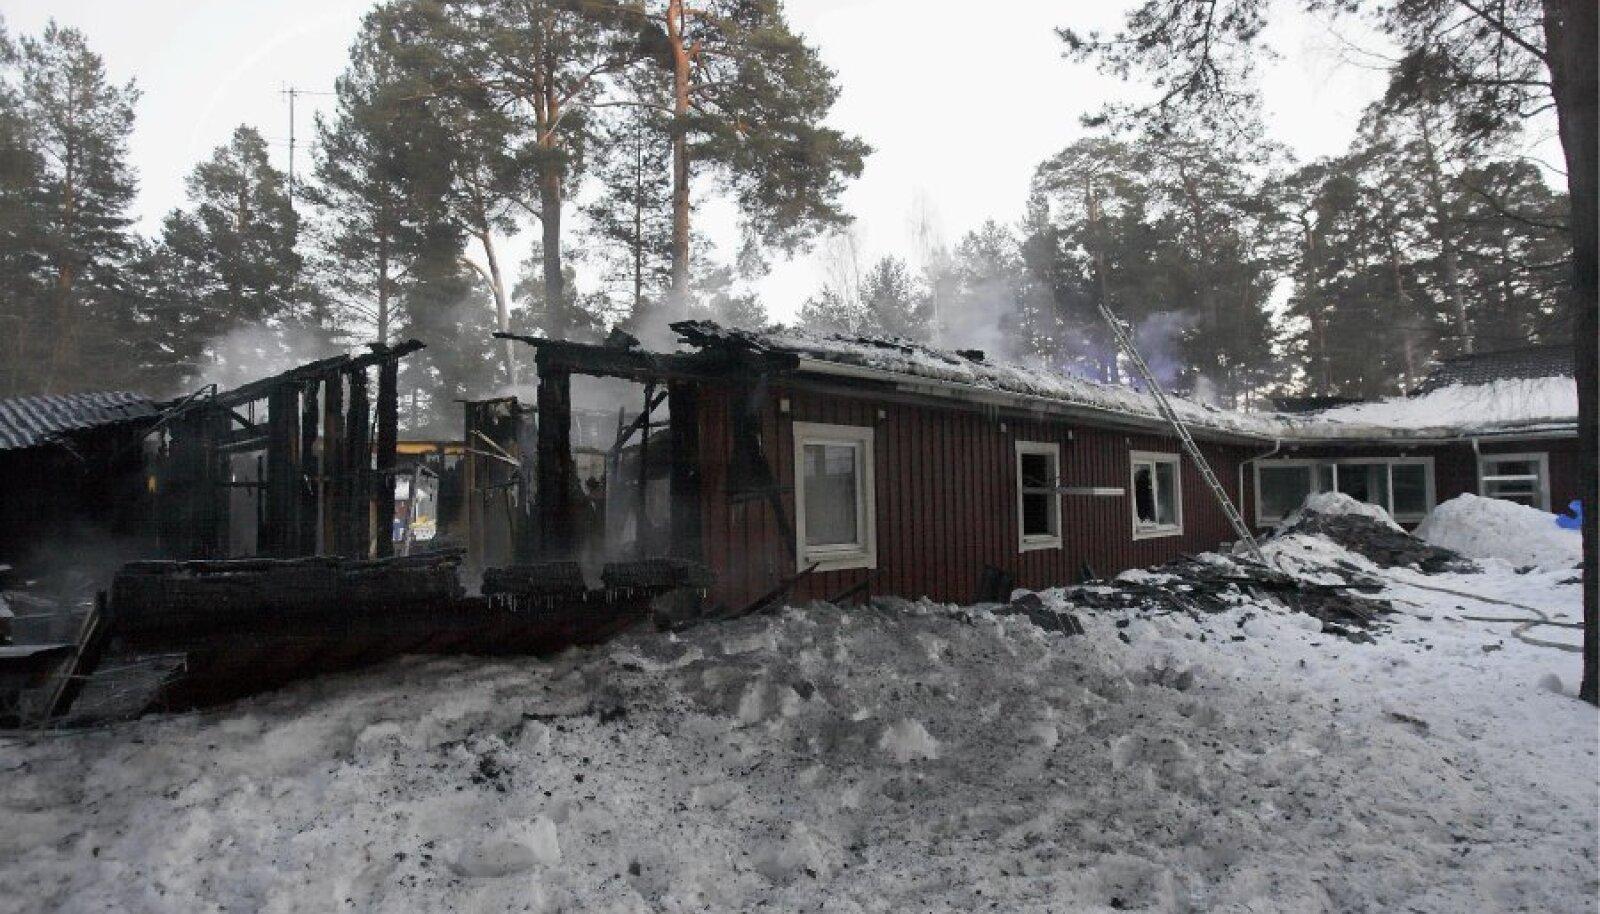 Kolm aastat tagasi vapustas Eestit Haapsalus puuetega laste lastekodus toimunud tulekahju, milles kaotas elu kümme kasvandikku. Uuring näitab,  et tuleohutusega on siiani tõsiseid probleeme paljudes hoolekandeasutustes.